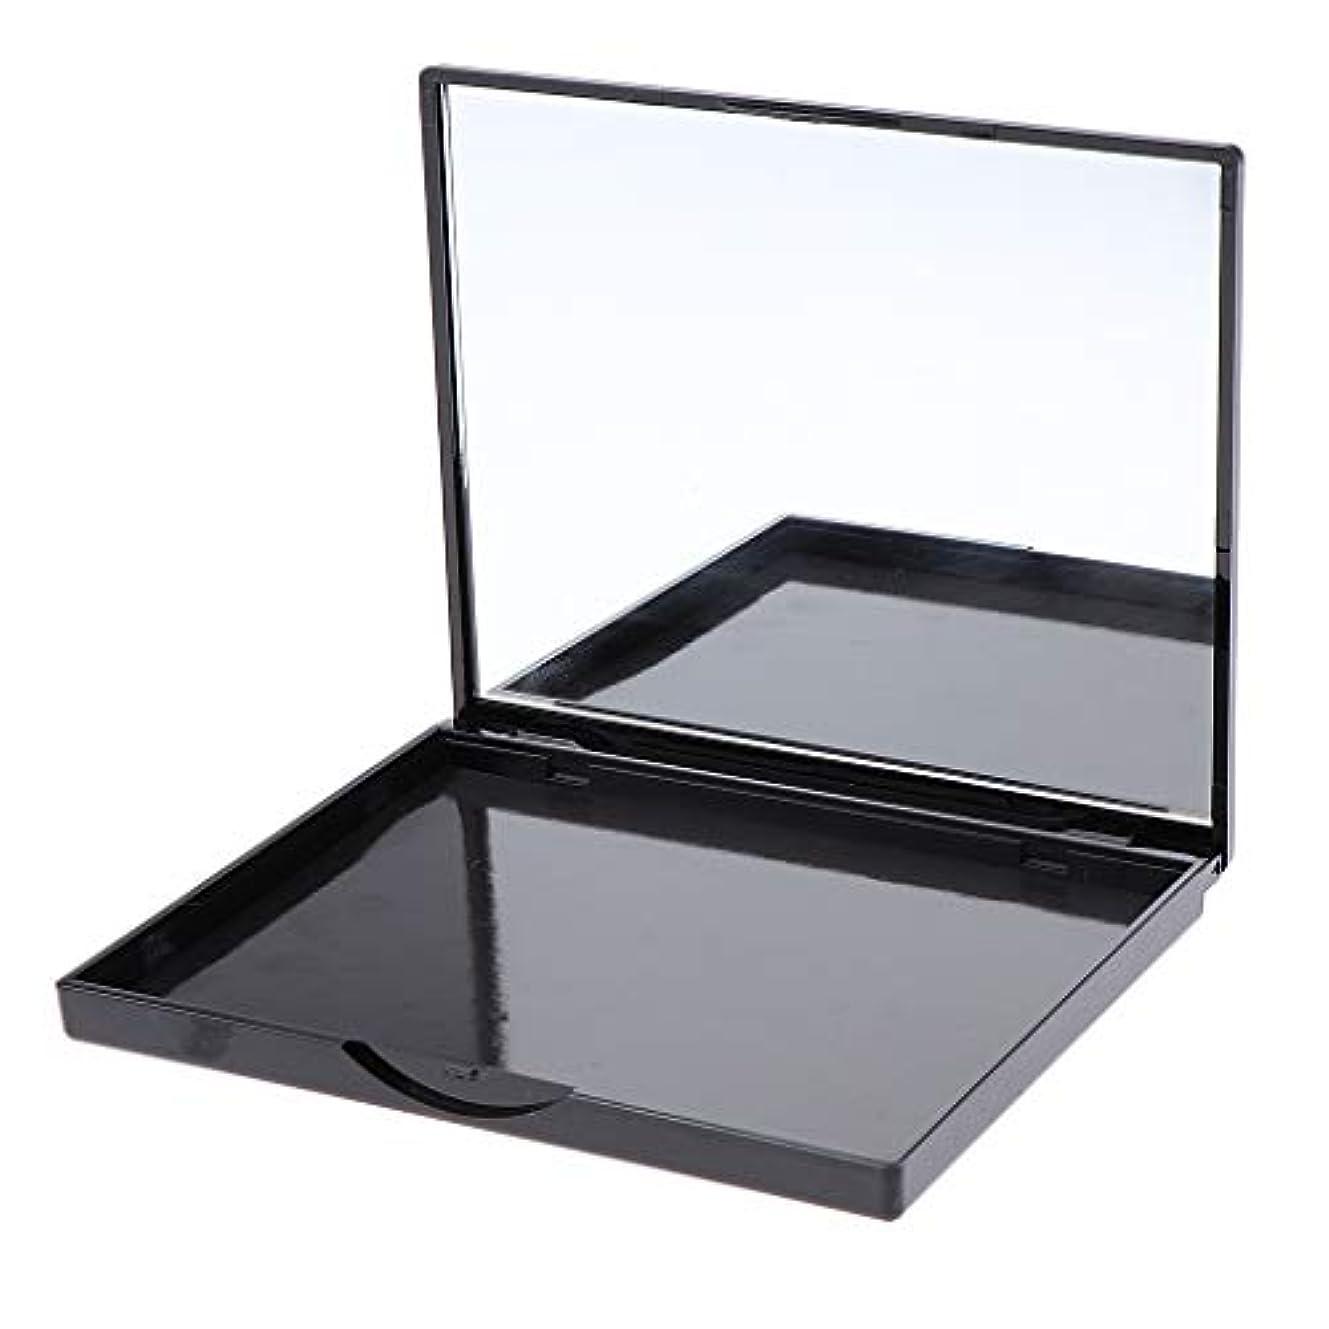 ギャラントリー有用カリングF Fityle 磁気パレット メイクアップ 化粧パレット アイシャドウ コスメ DIY 4タイプ選べ - パープルローズフラワー